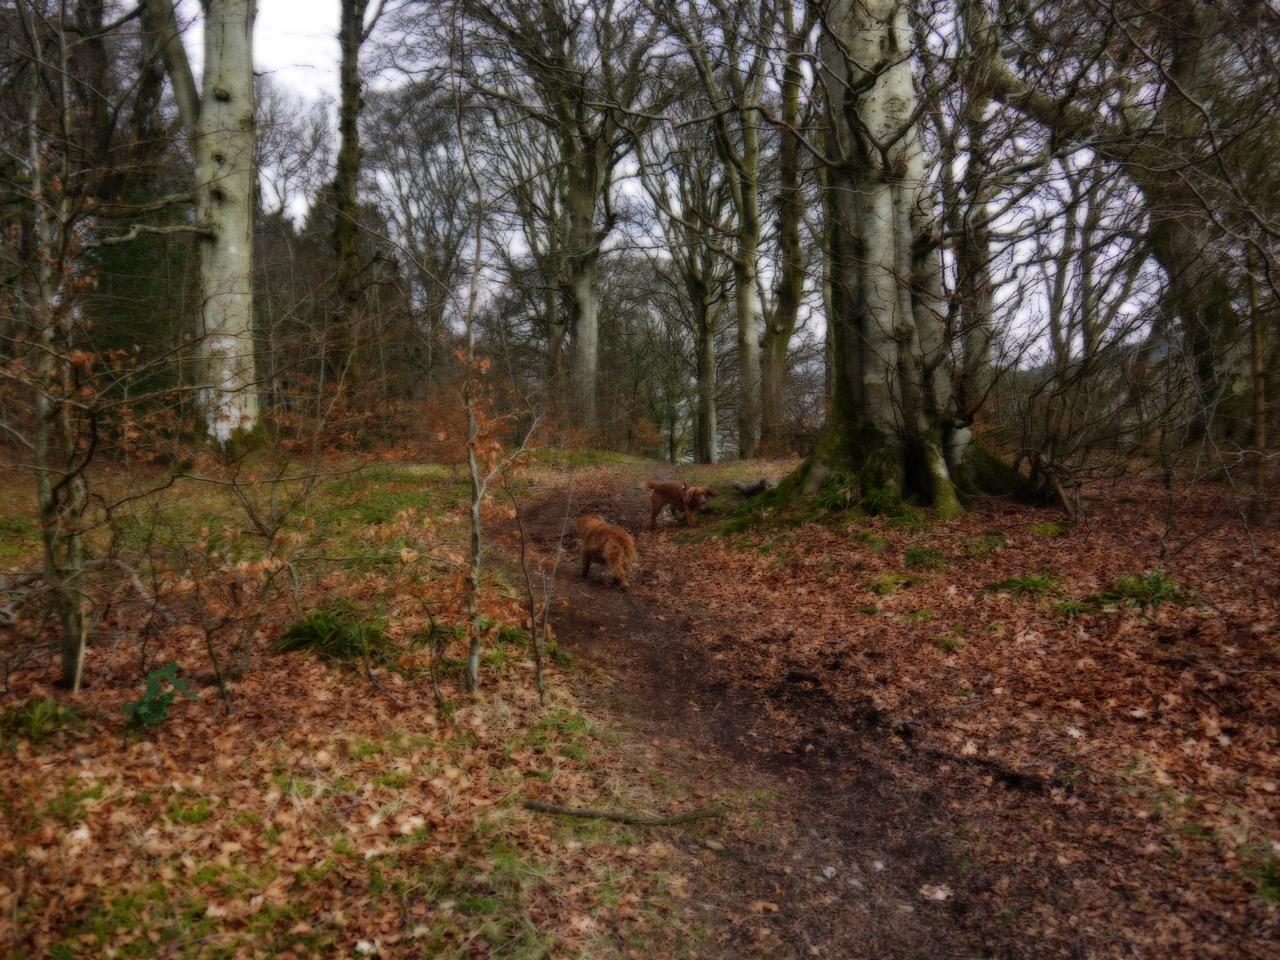 Drumcrieff Wood